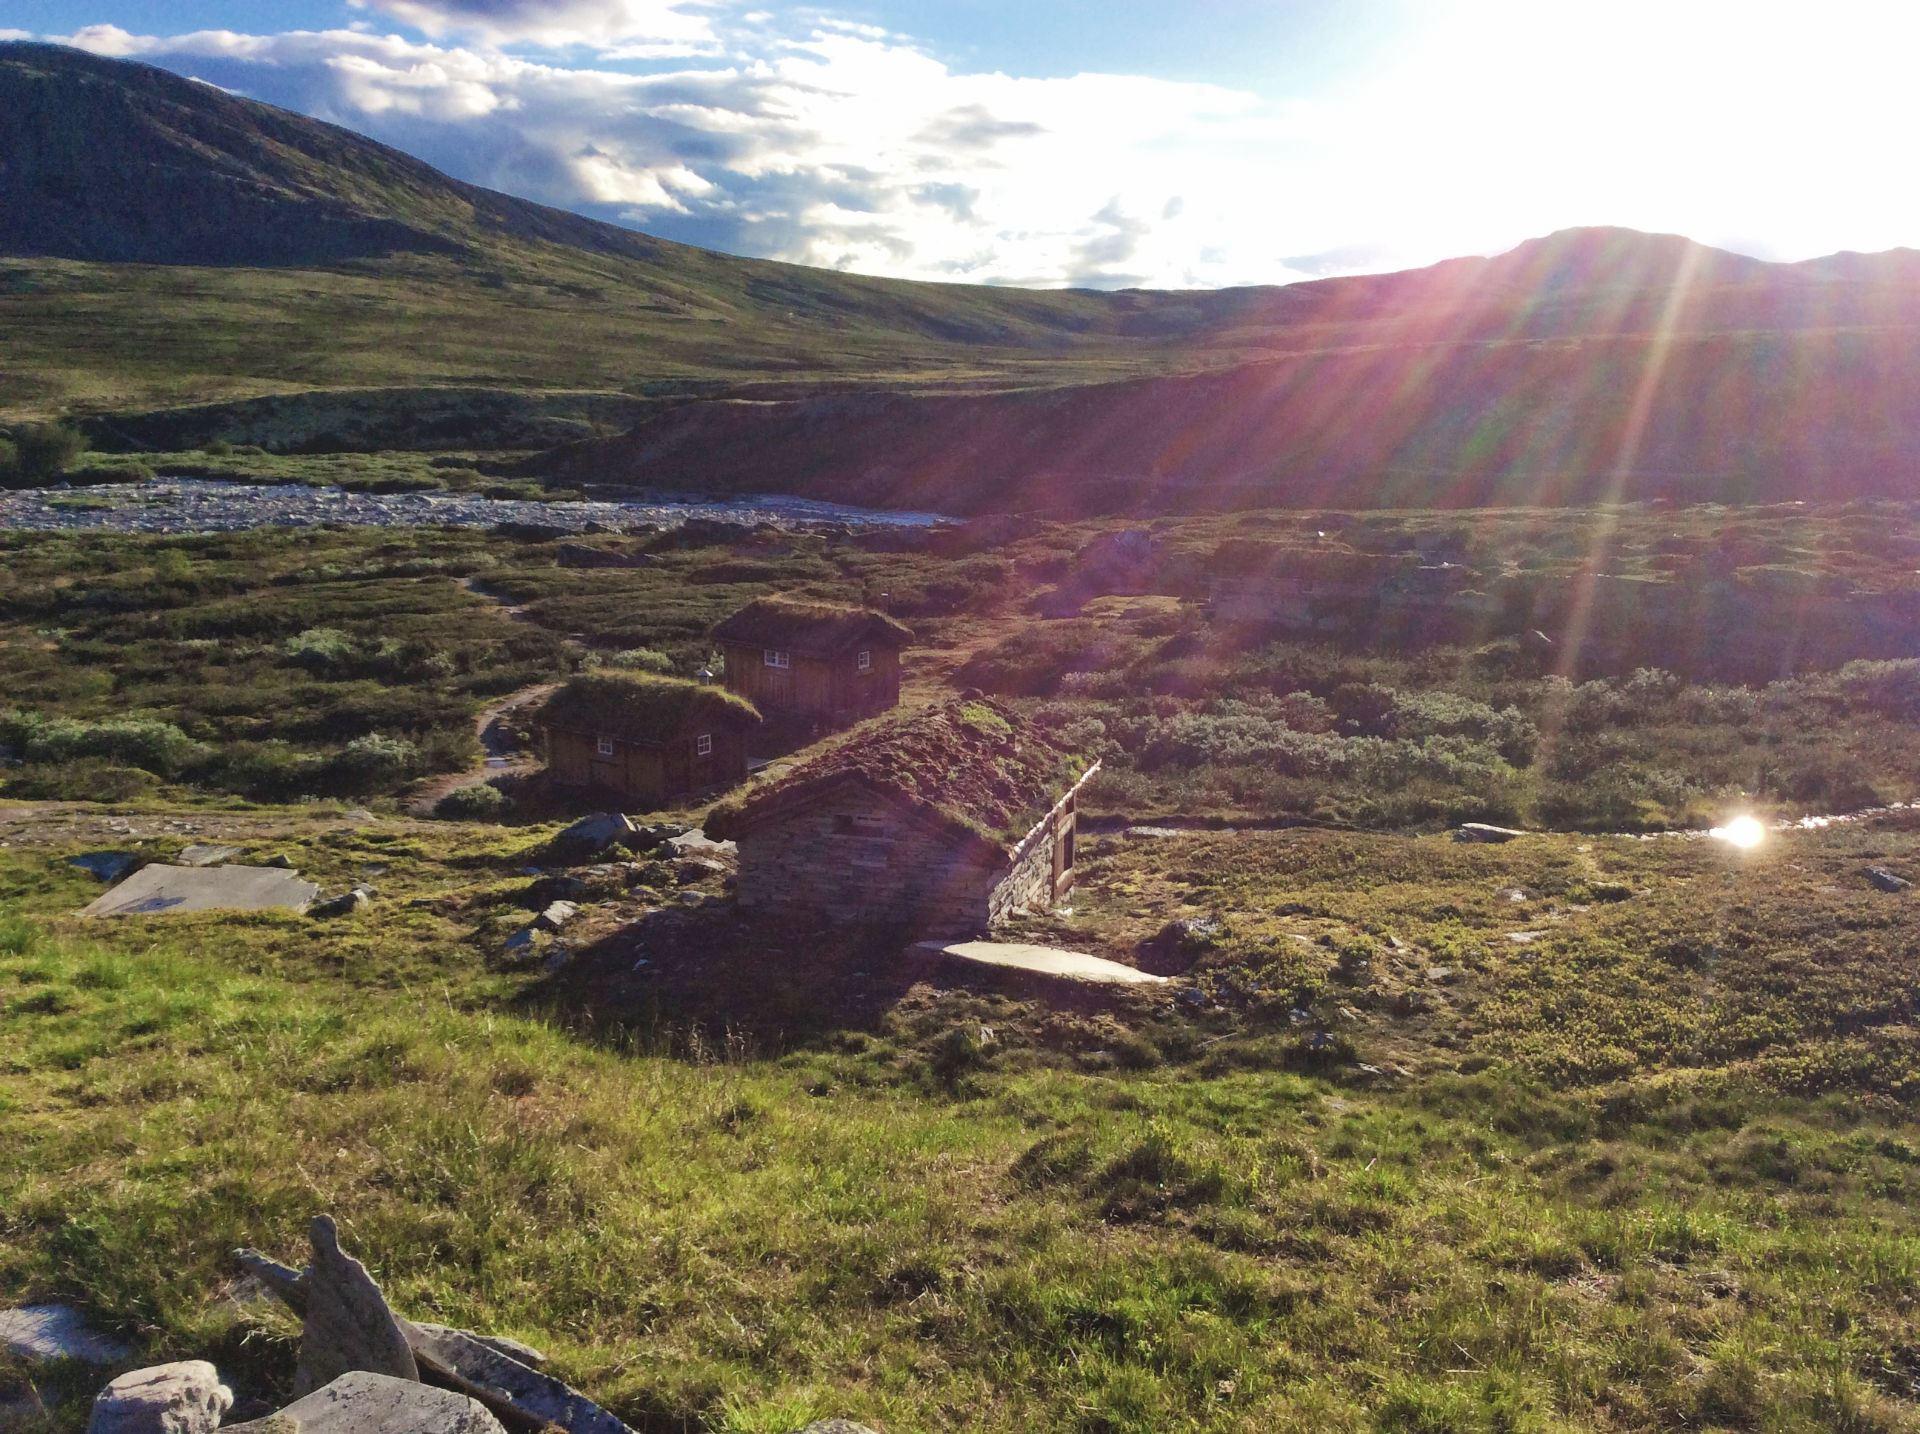 Nyt sommerens rømmevafler i solveggen hos Peer Gynt-hytta